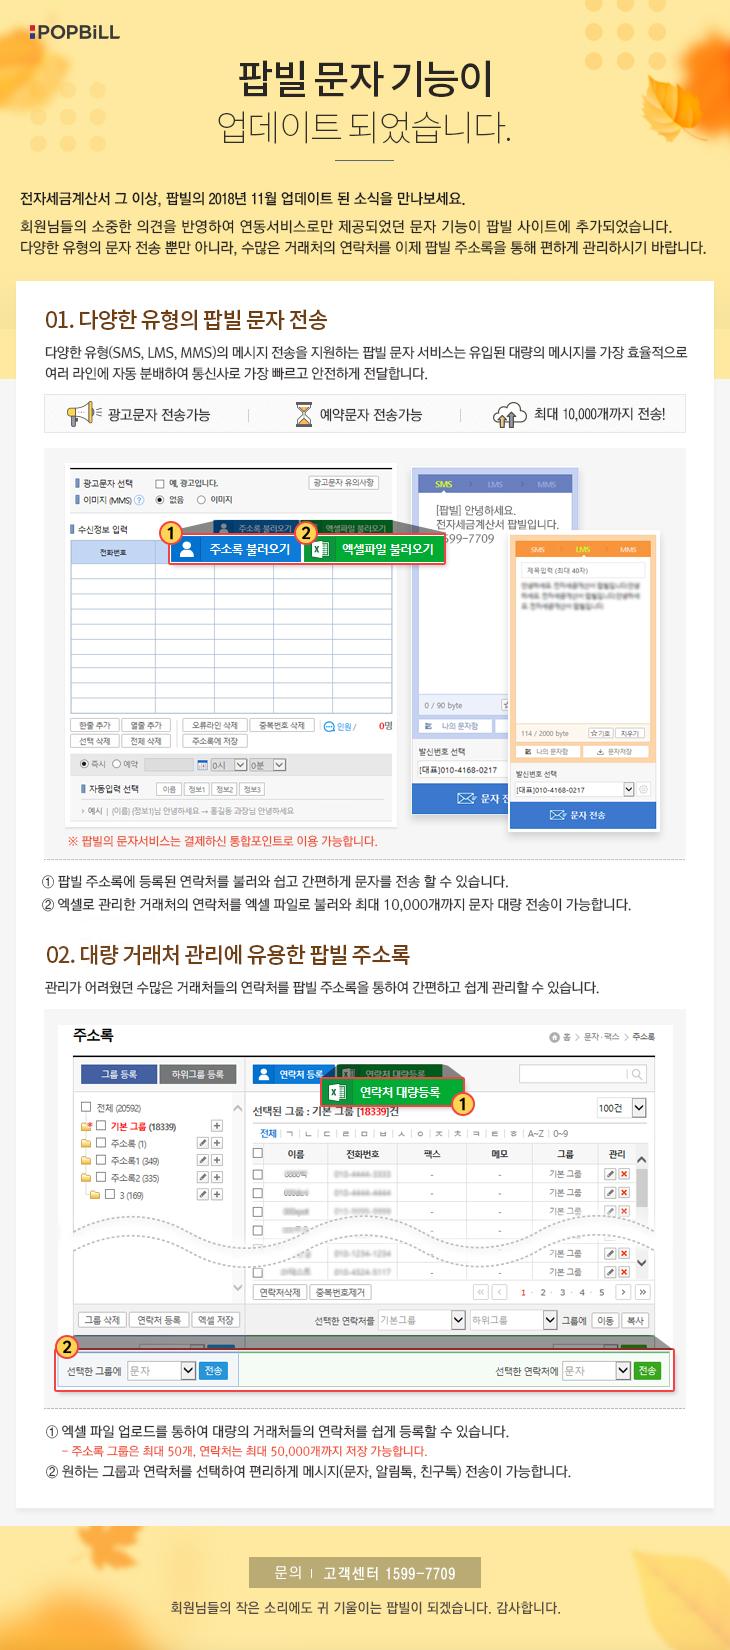 11월 팝빌문자기능업데이트